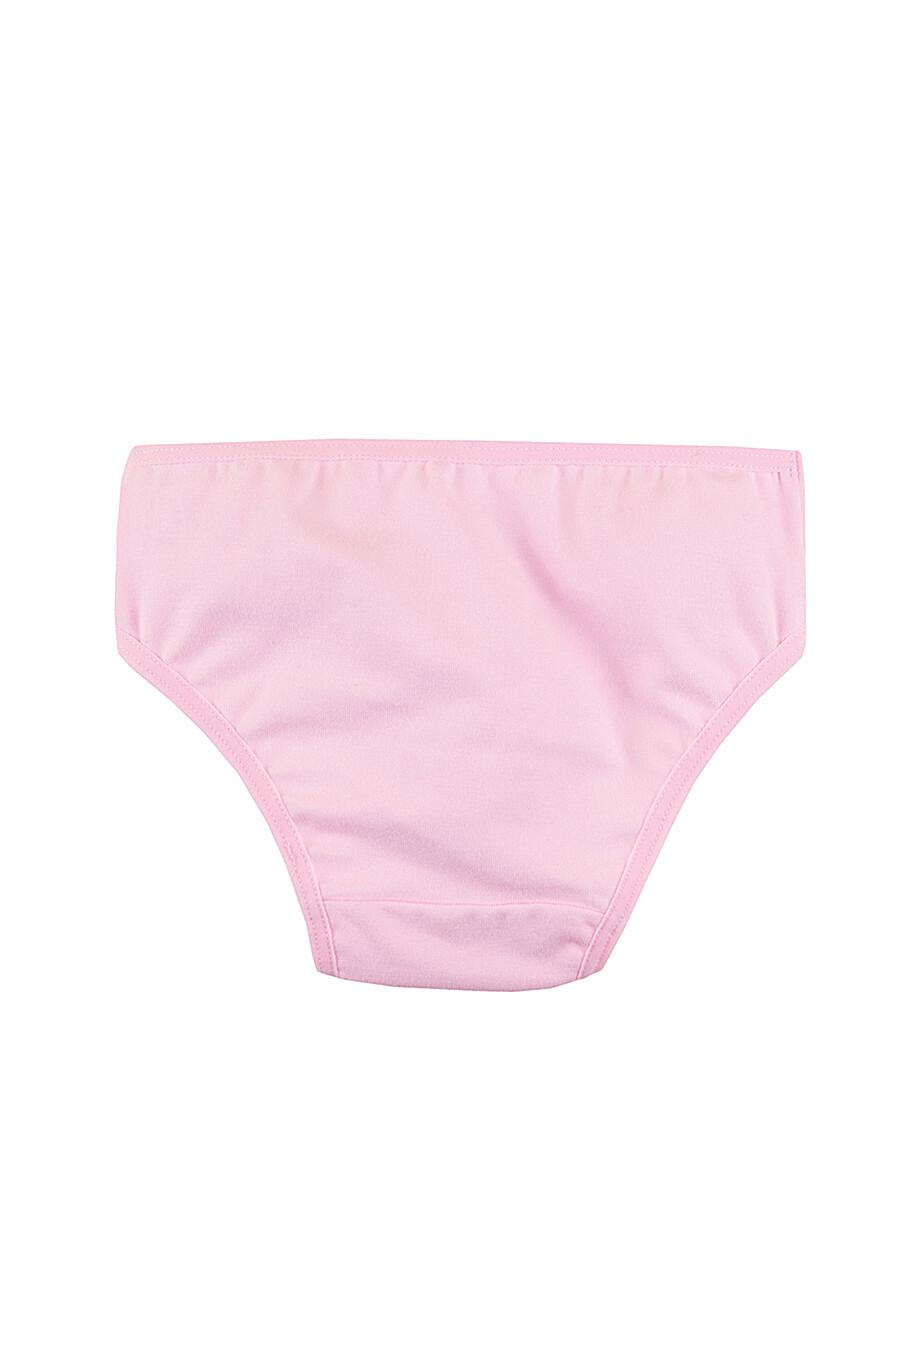 Трусы для девочек BOSSA NOVA 164526 купить оптом от производителя. Совместная покупка детской одежды в OptMoyo